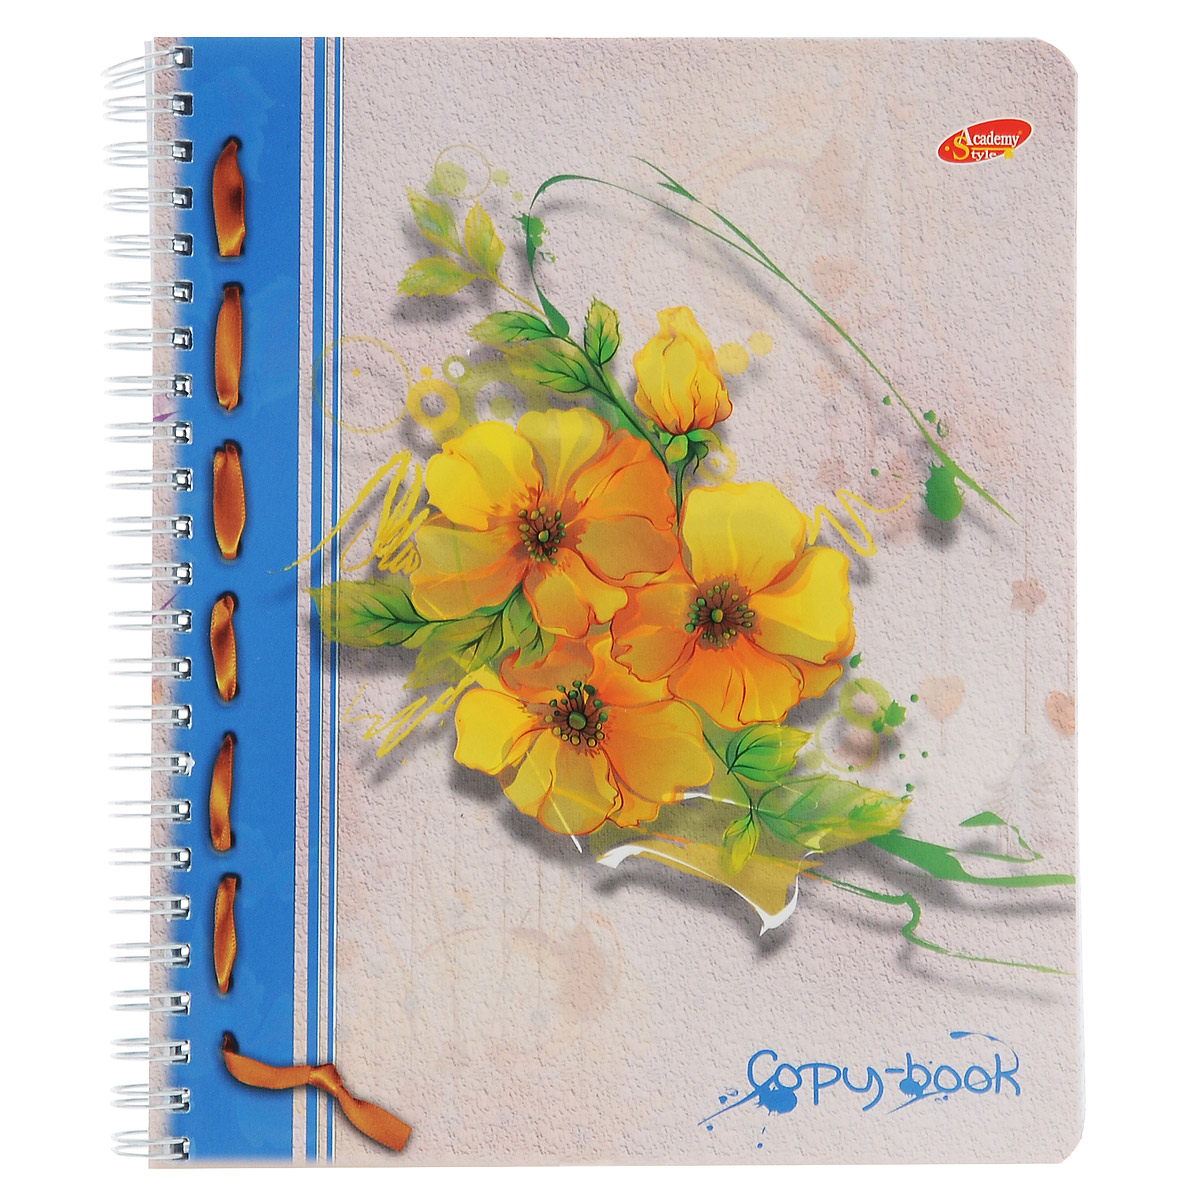 Тетрадь Желтые цветы, цвет: серый, желтый, 96 листов96Т5B1_оранжеваяТетрадь Желтые цветы с красочным изображением на обложке подойдет для выполнения любых работ.Обложка тетради с закругленными углами изготовлена из мелованного картона. Внутренний блок тетради на гребне состоит из 96 листов качественной белой бумаги. Все листы расчерчены в клетку без полей.